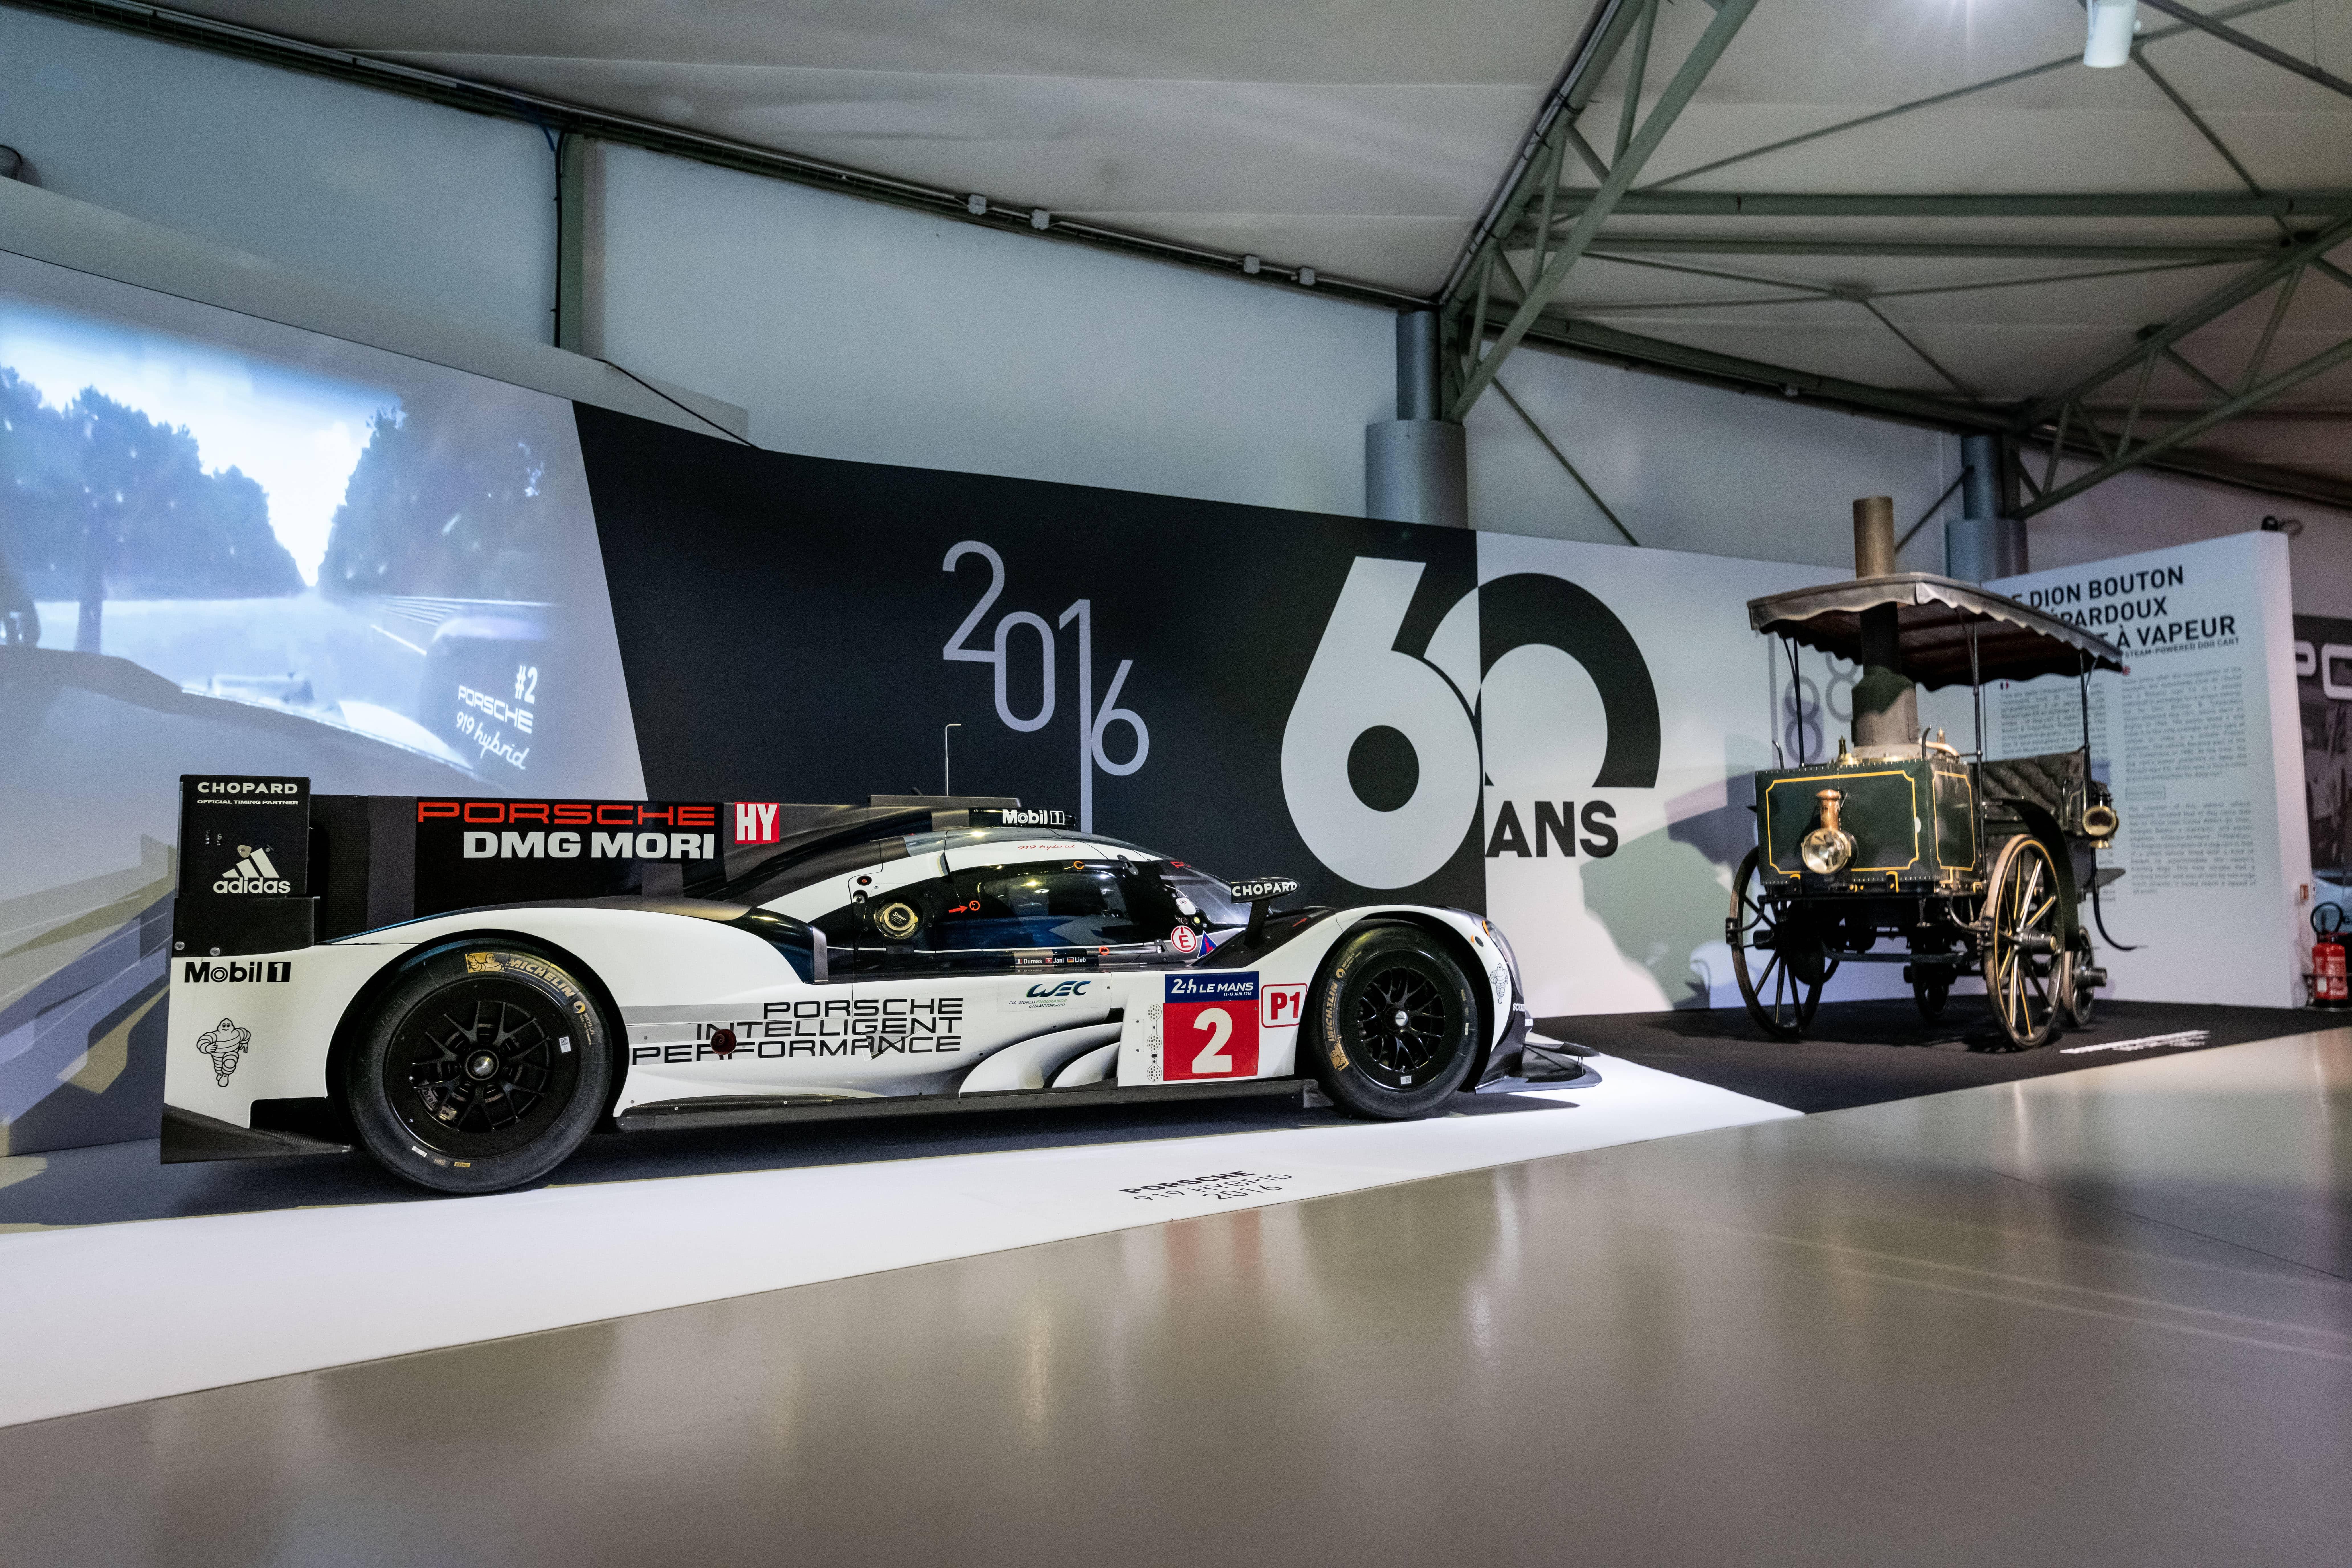 La Porsche 919 Hybrid et le Cart De Dion, le modèle le plus récent et le modèle le plus ancien du Musée des 24 Heures du Mans